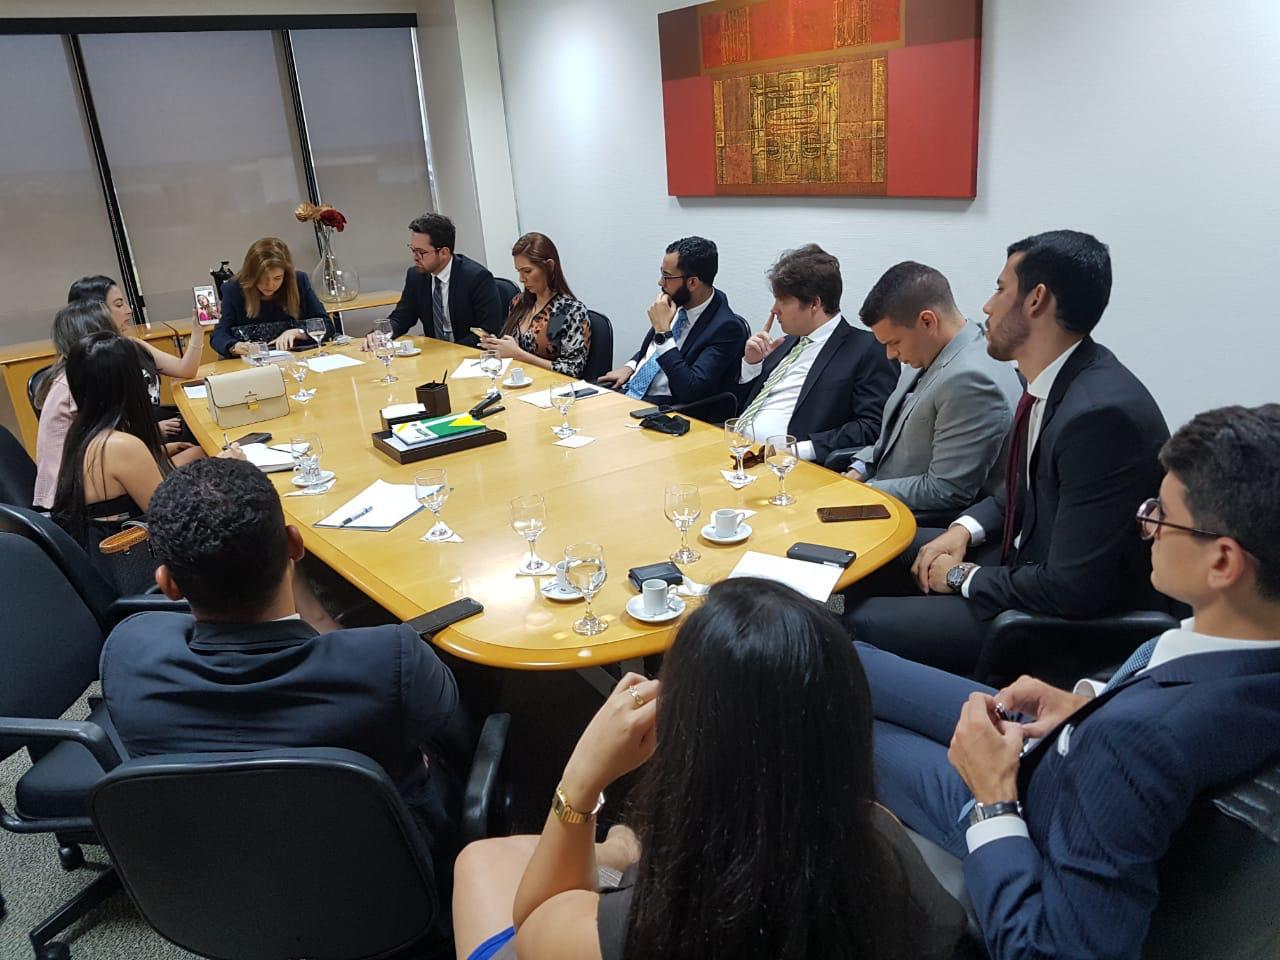 Comissão da Jovem Advocacia da OAB-PB se reúne em Brasília e discute projetos para a classe